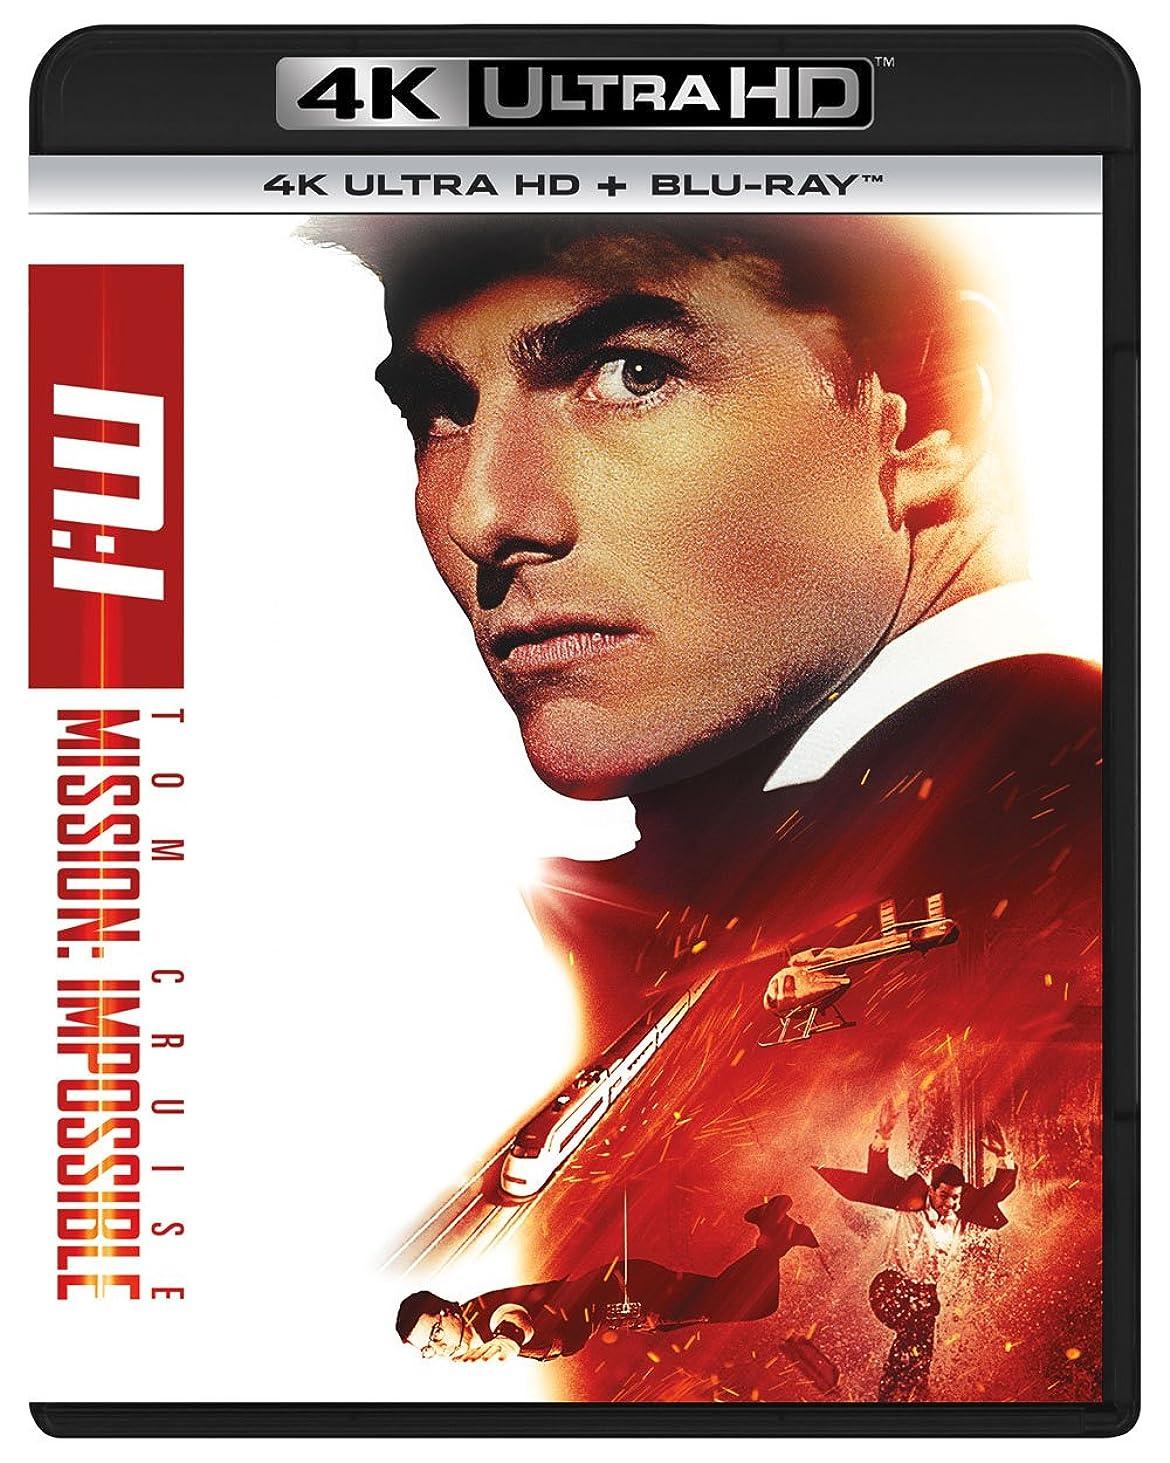 実装する解任アダルトミッション:インポッシブル (4K ULTRA HD + Blu-rayセット) [4K ULTRA HD + Blu-ray]